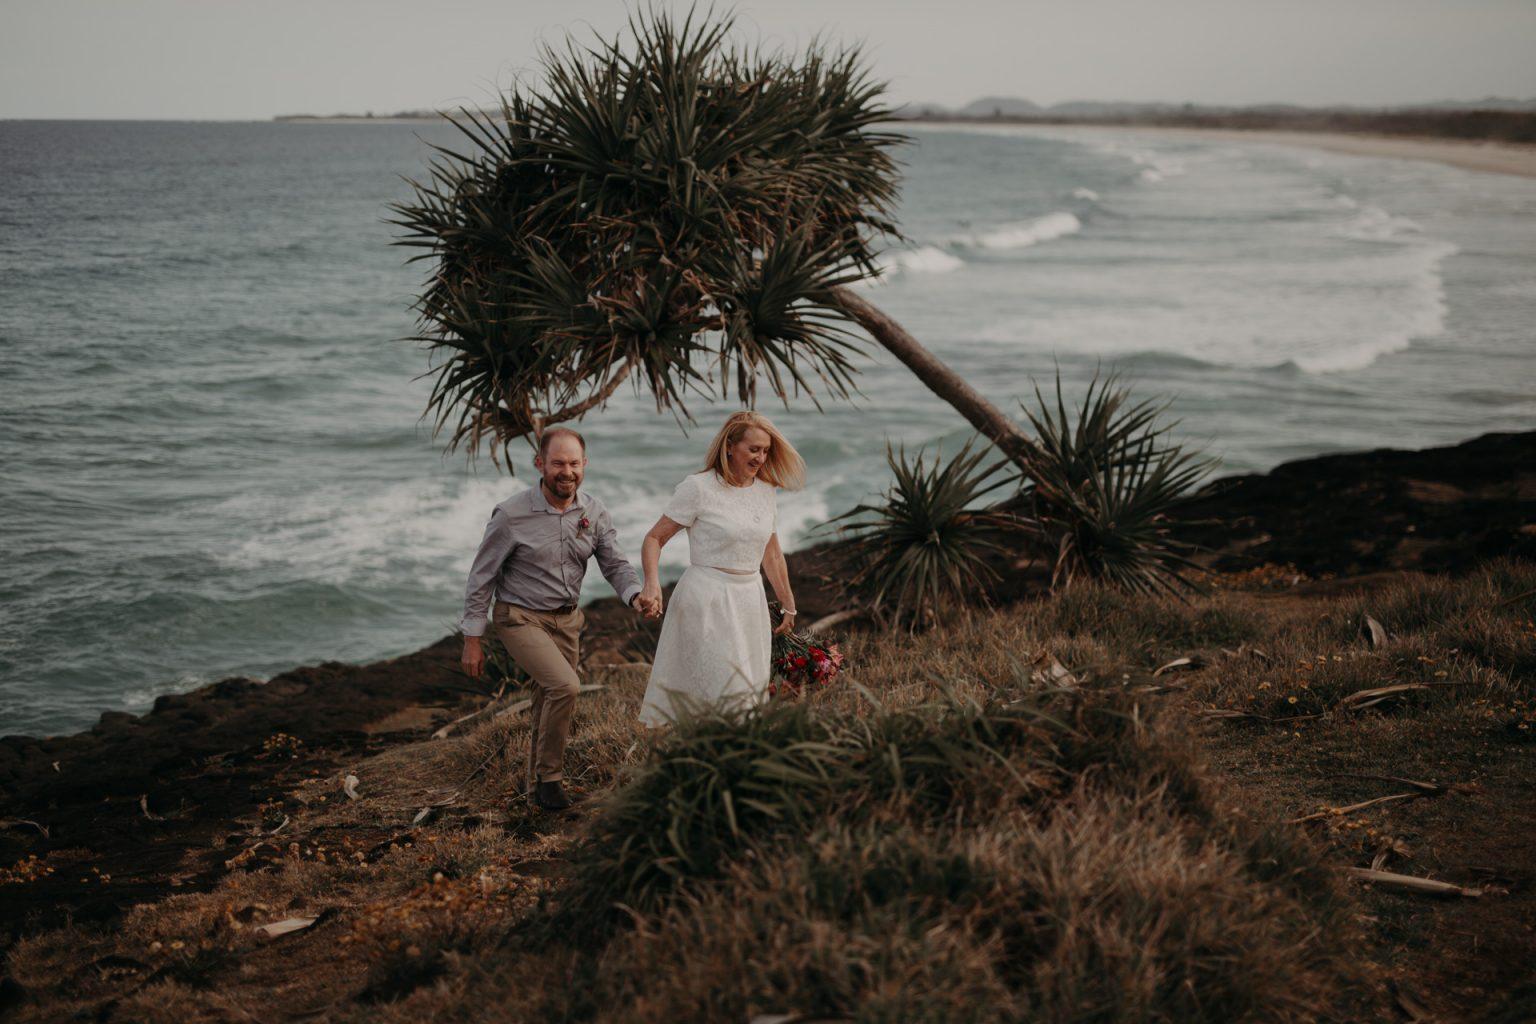 bride and groom explore rocks Fingal head